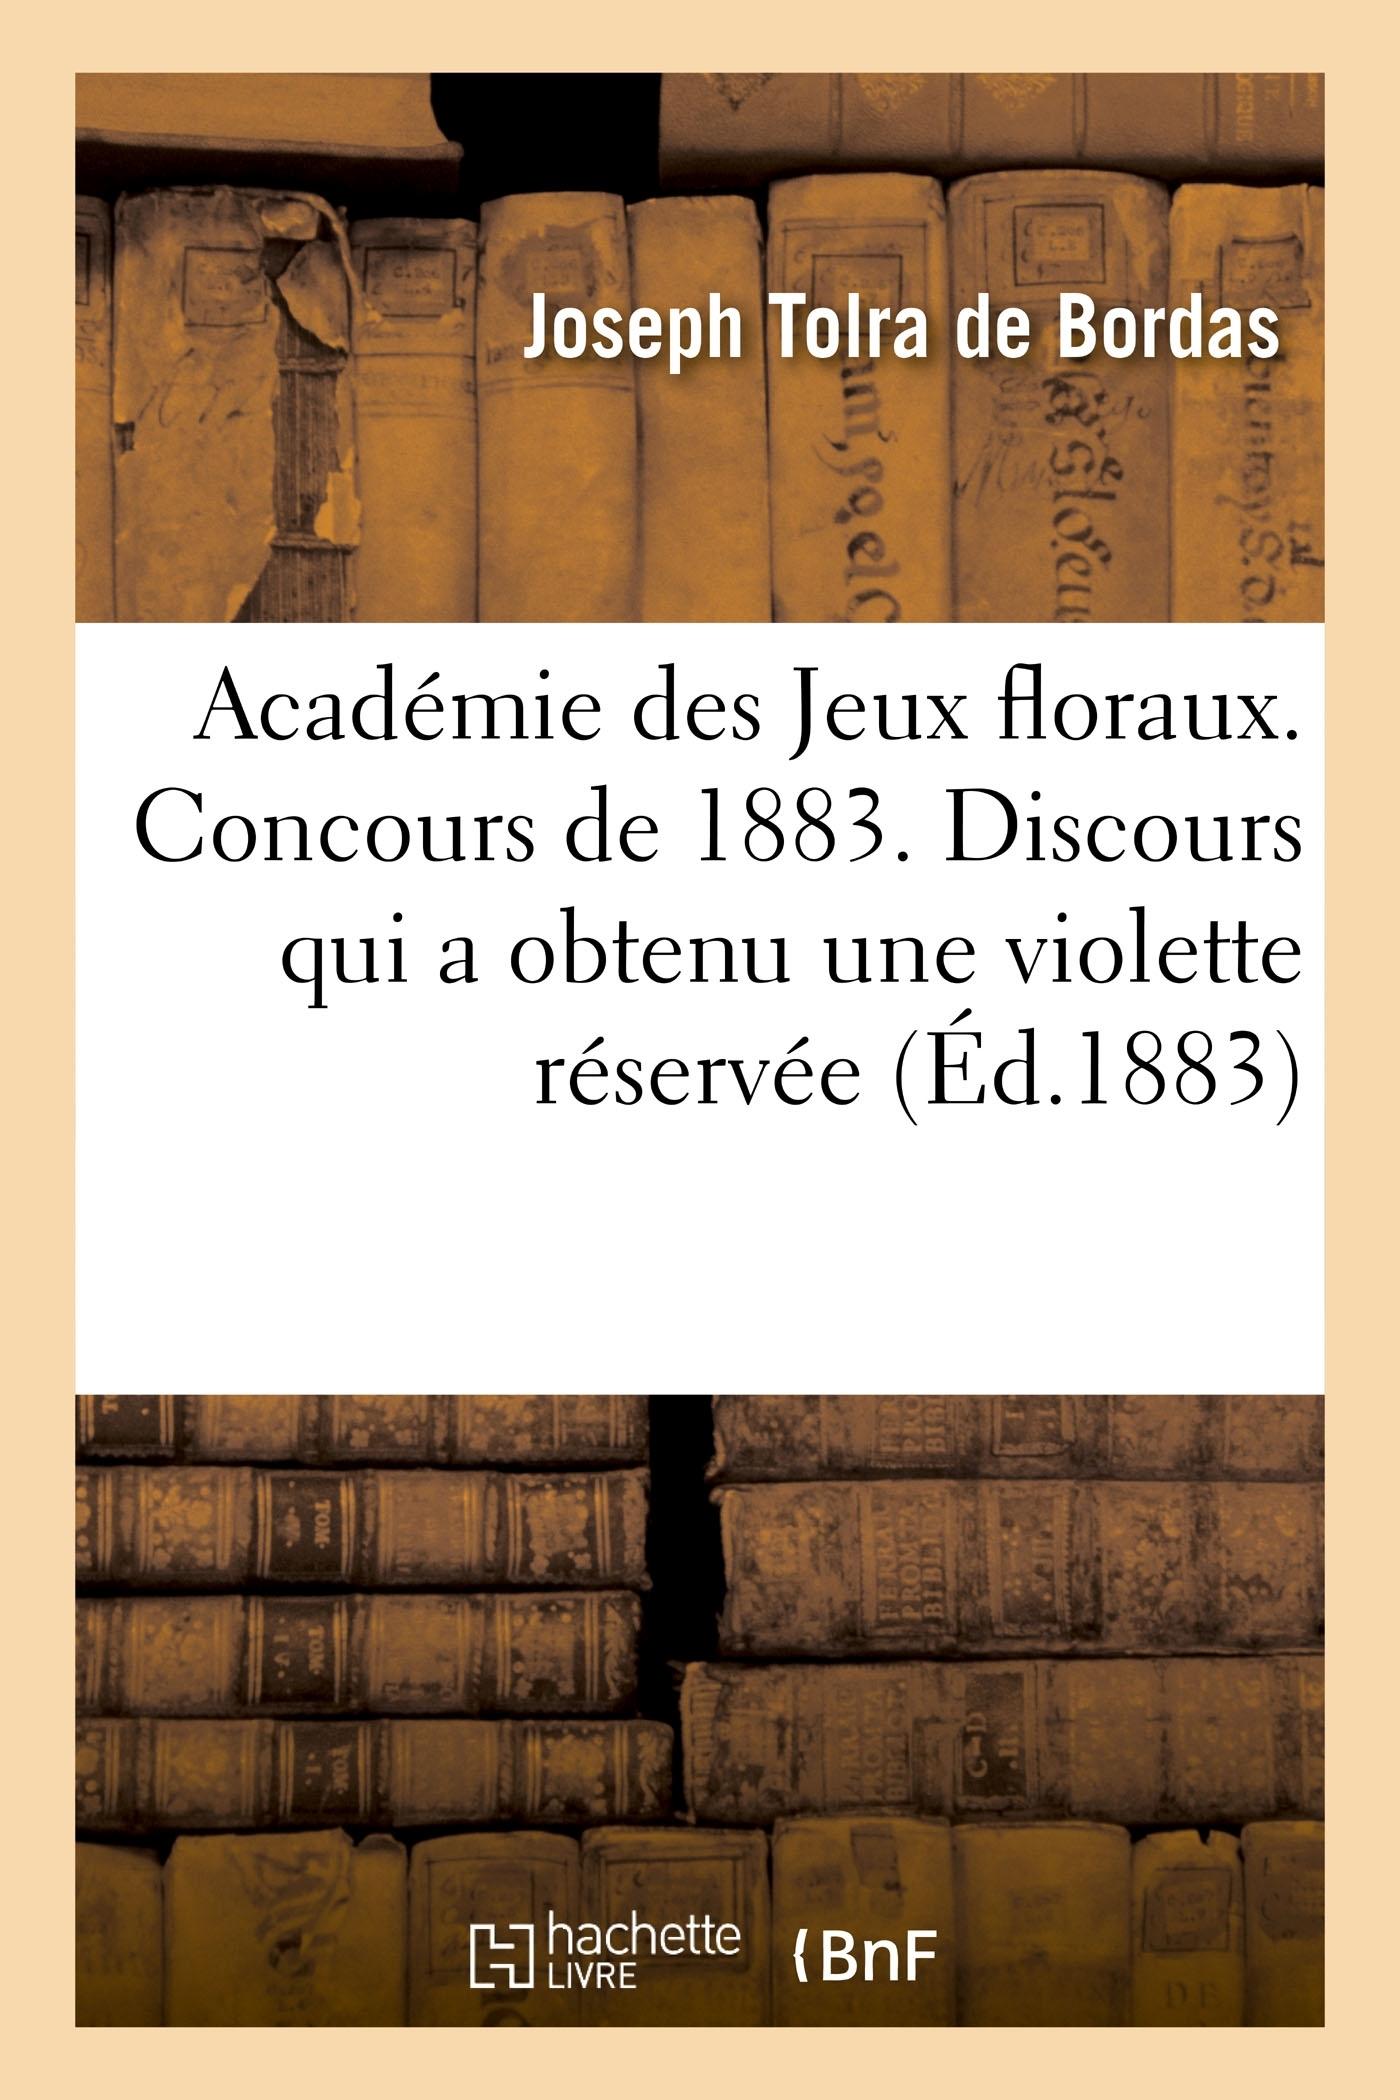 ACADEMIE DES JEUX FLORAUX. CONCOURS DE 1883. DISCOURS QUI A OBTENU UNE VIOLETTE RESERVEE - DE L'ACTI